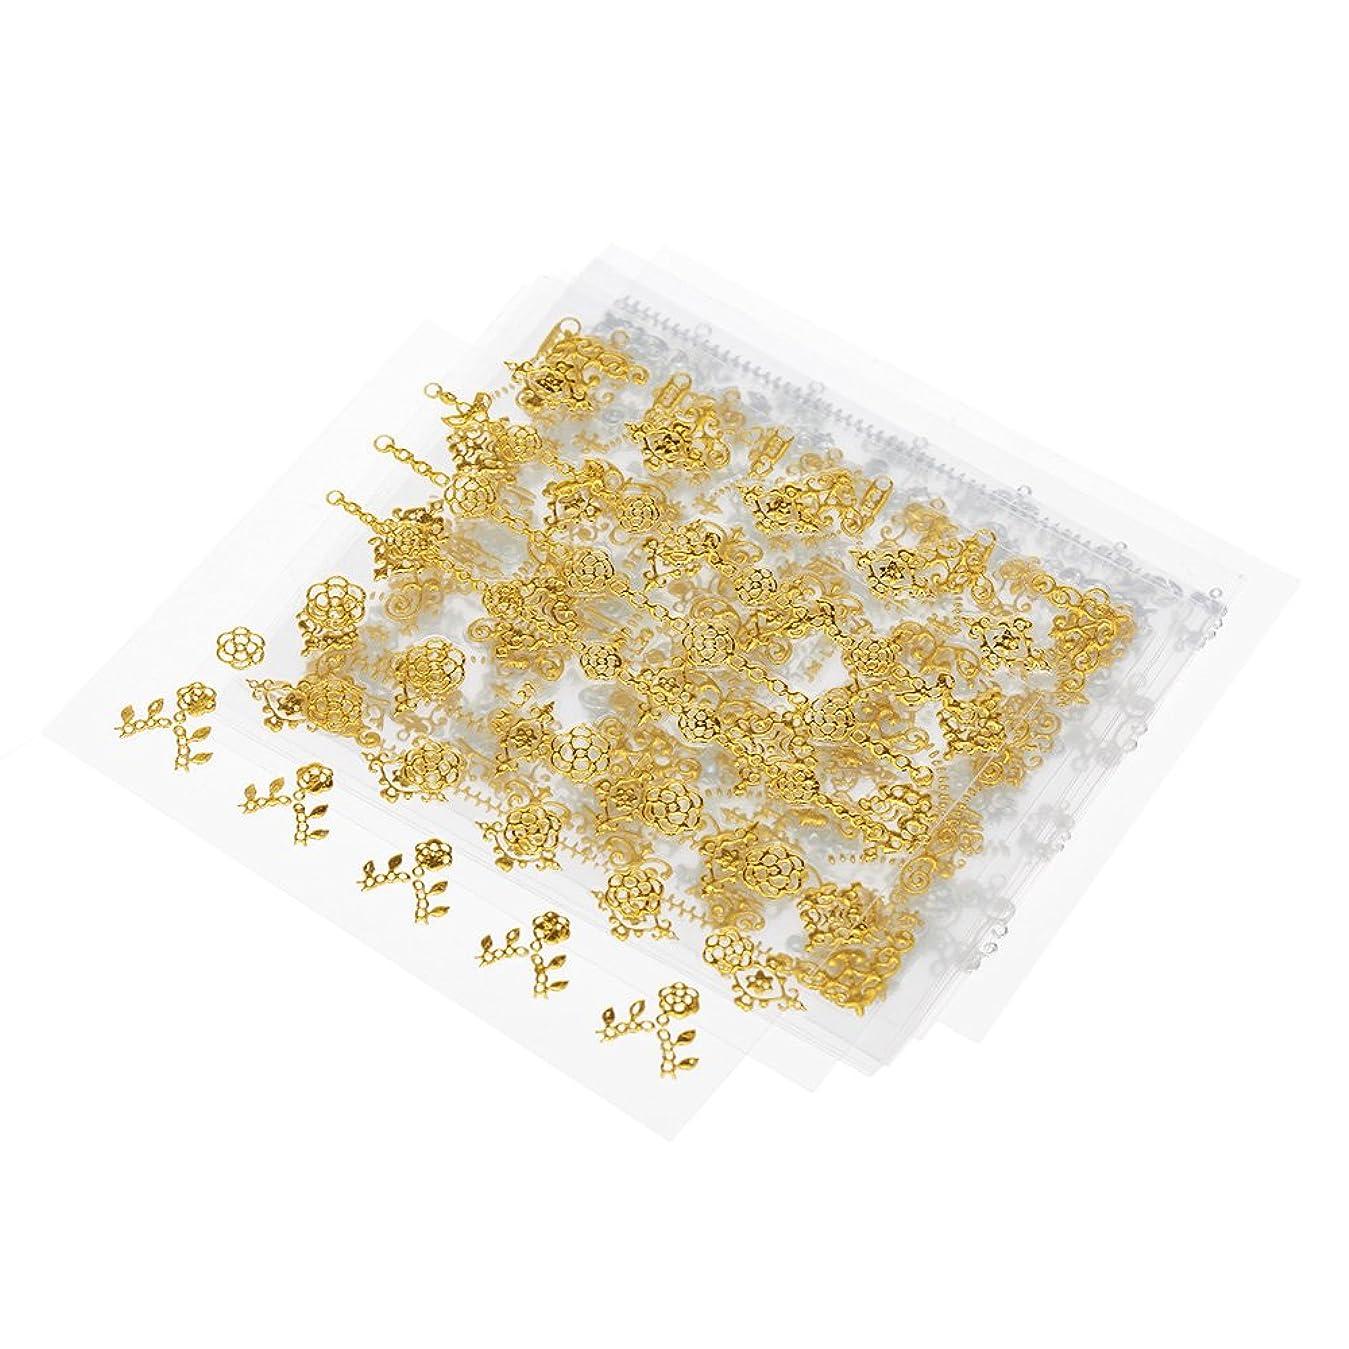 アンペアスリチンモイマイルストーンDecdeal 3Dネイルステッカー 12シート マルチスタイル ネイルアートの飾り 金シルバージッパー ゲルーポーランドのヒント DIY 自己接着性 レトロラップデカール